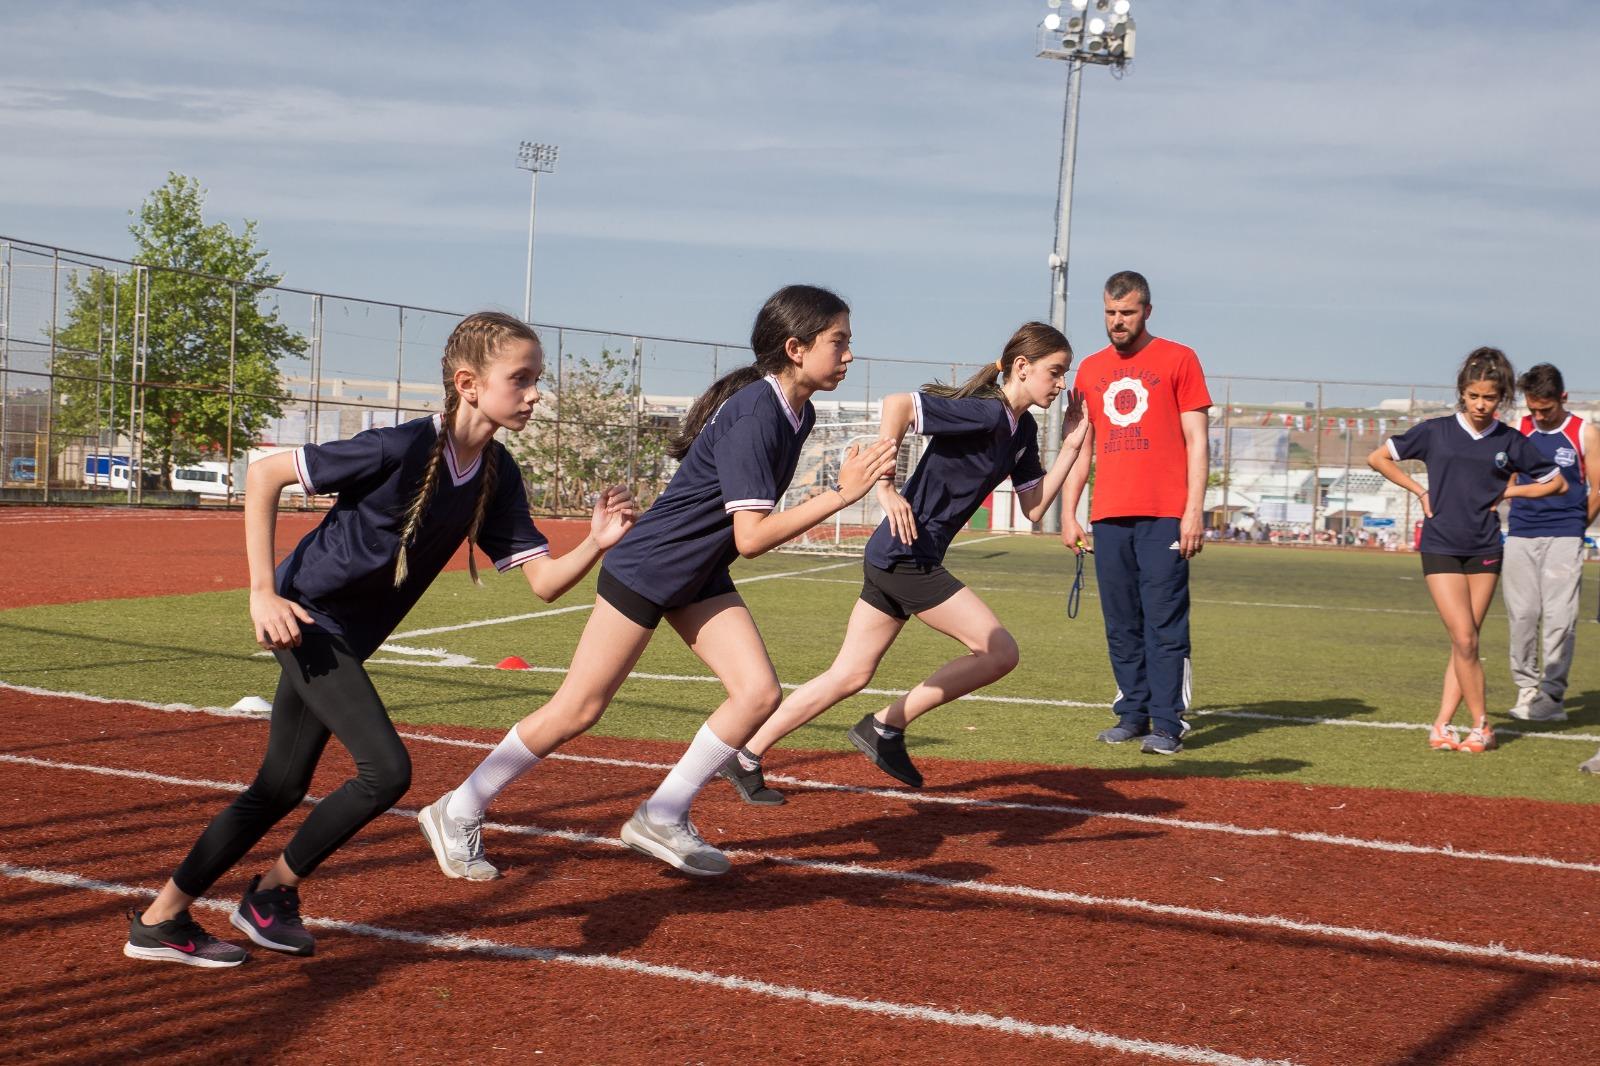 Büyükçekmece Belediyesi Spor Akademisi başarıdan başarıya koşuyor